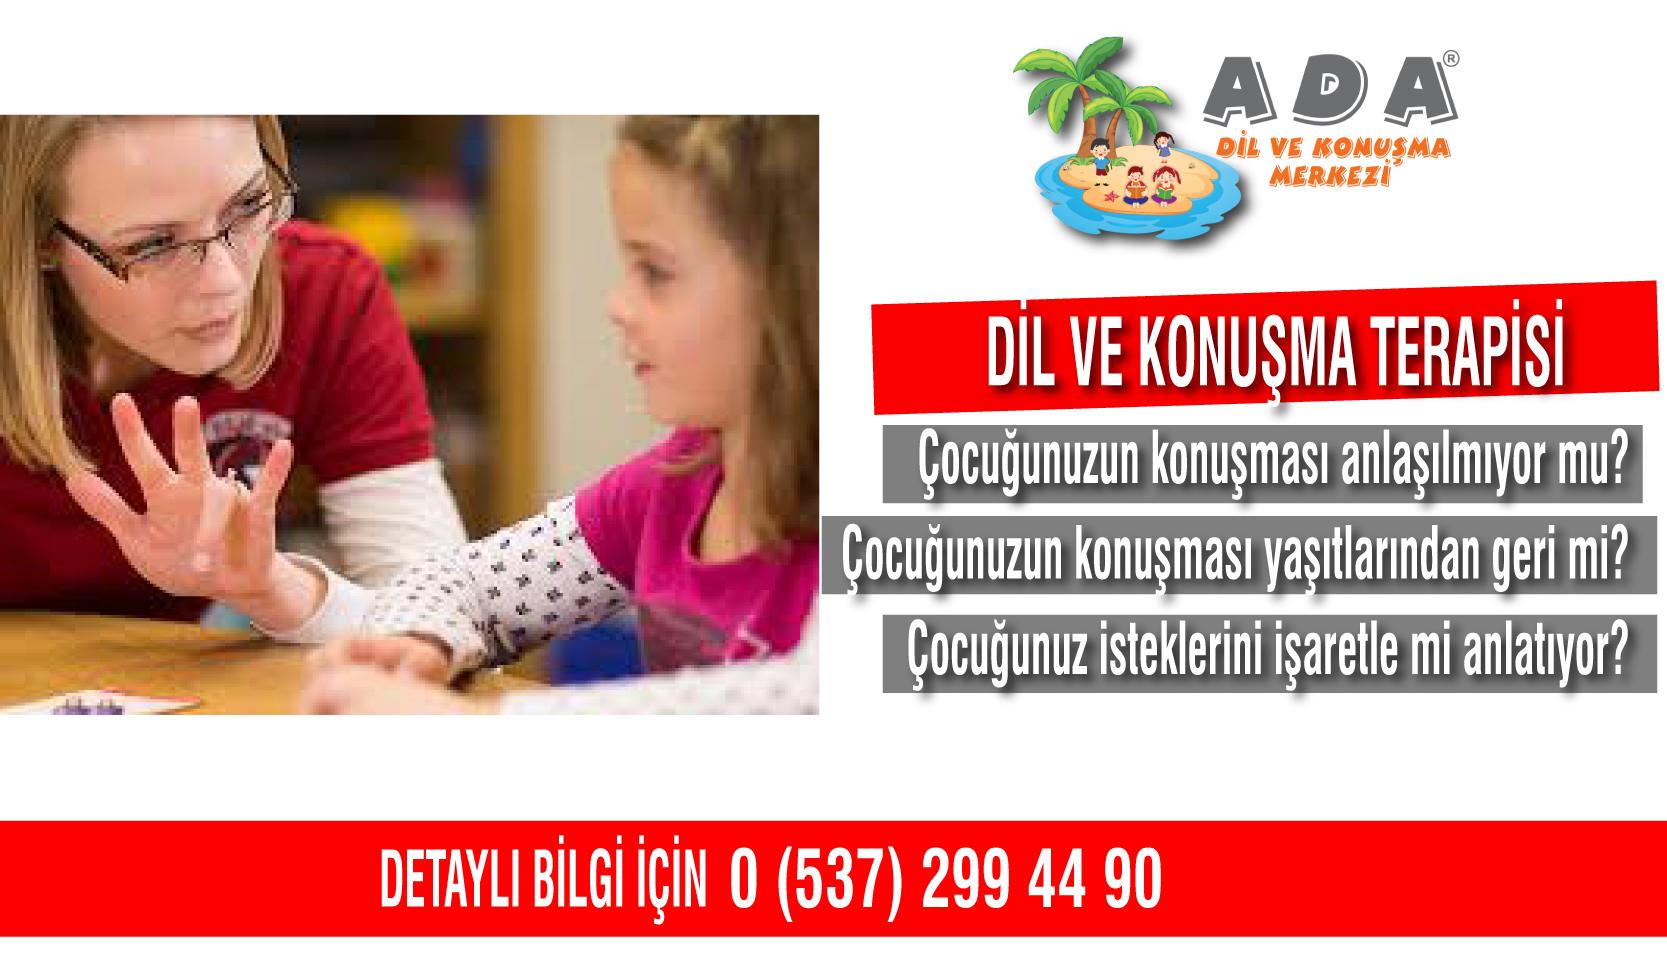 Dil ve Konuşma Terapisi İzmir